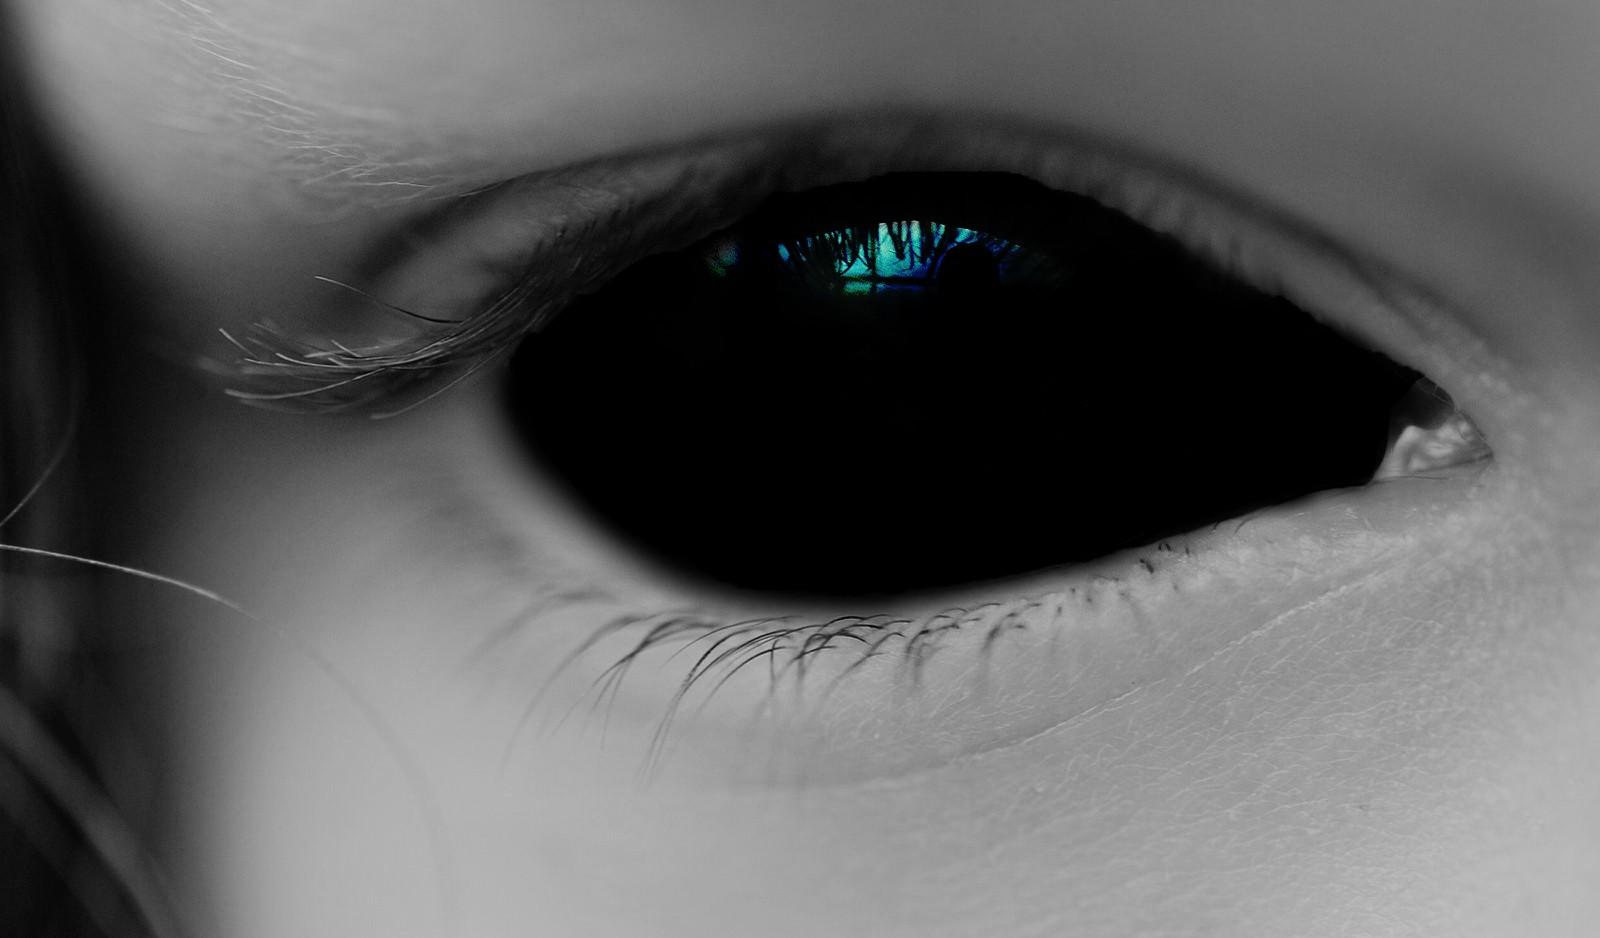 впечатление, что легенда о черном глазе только один способ